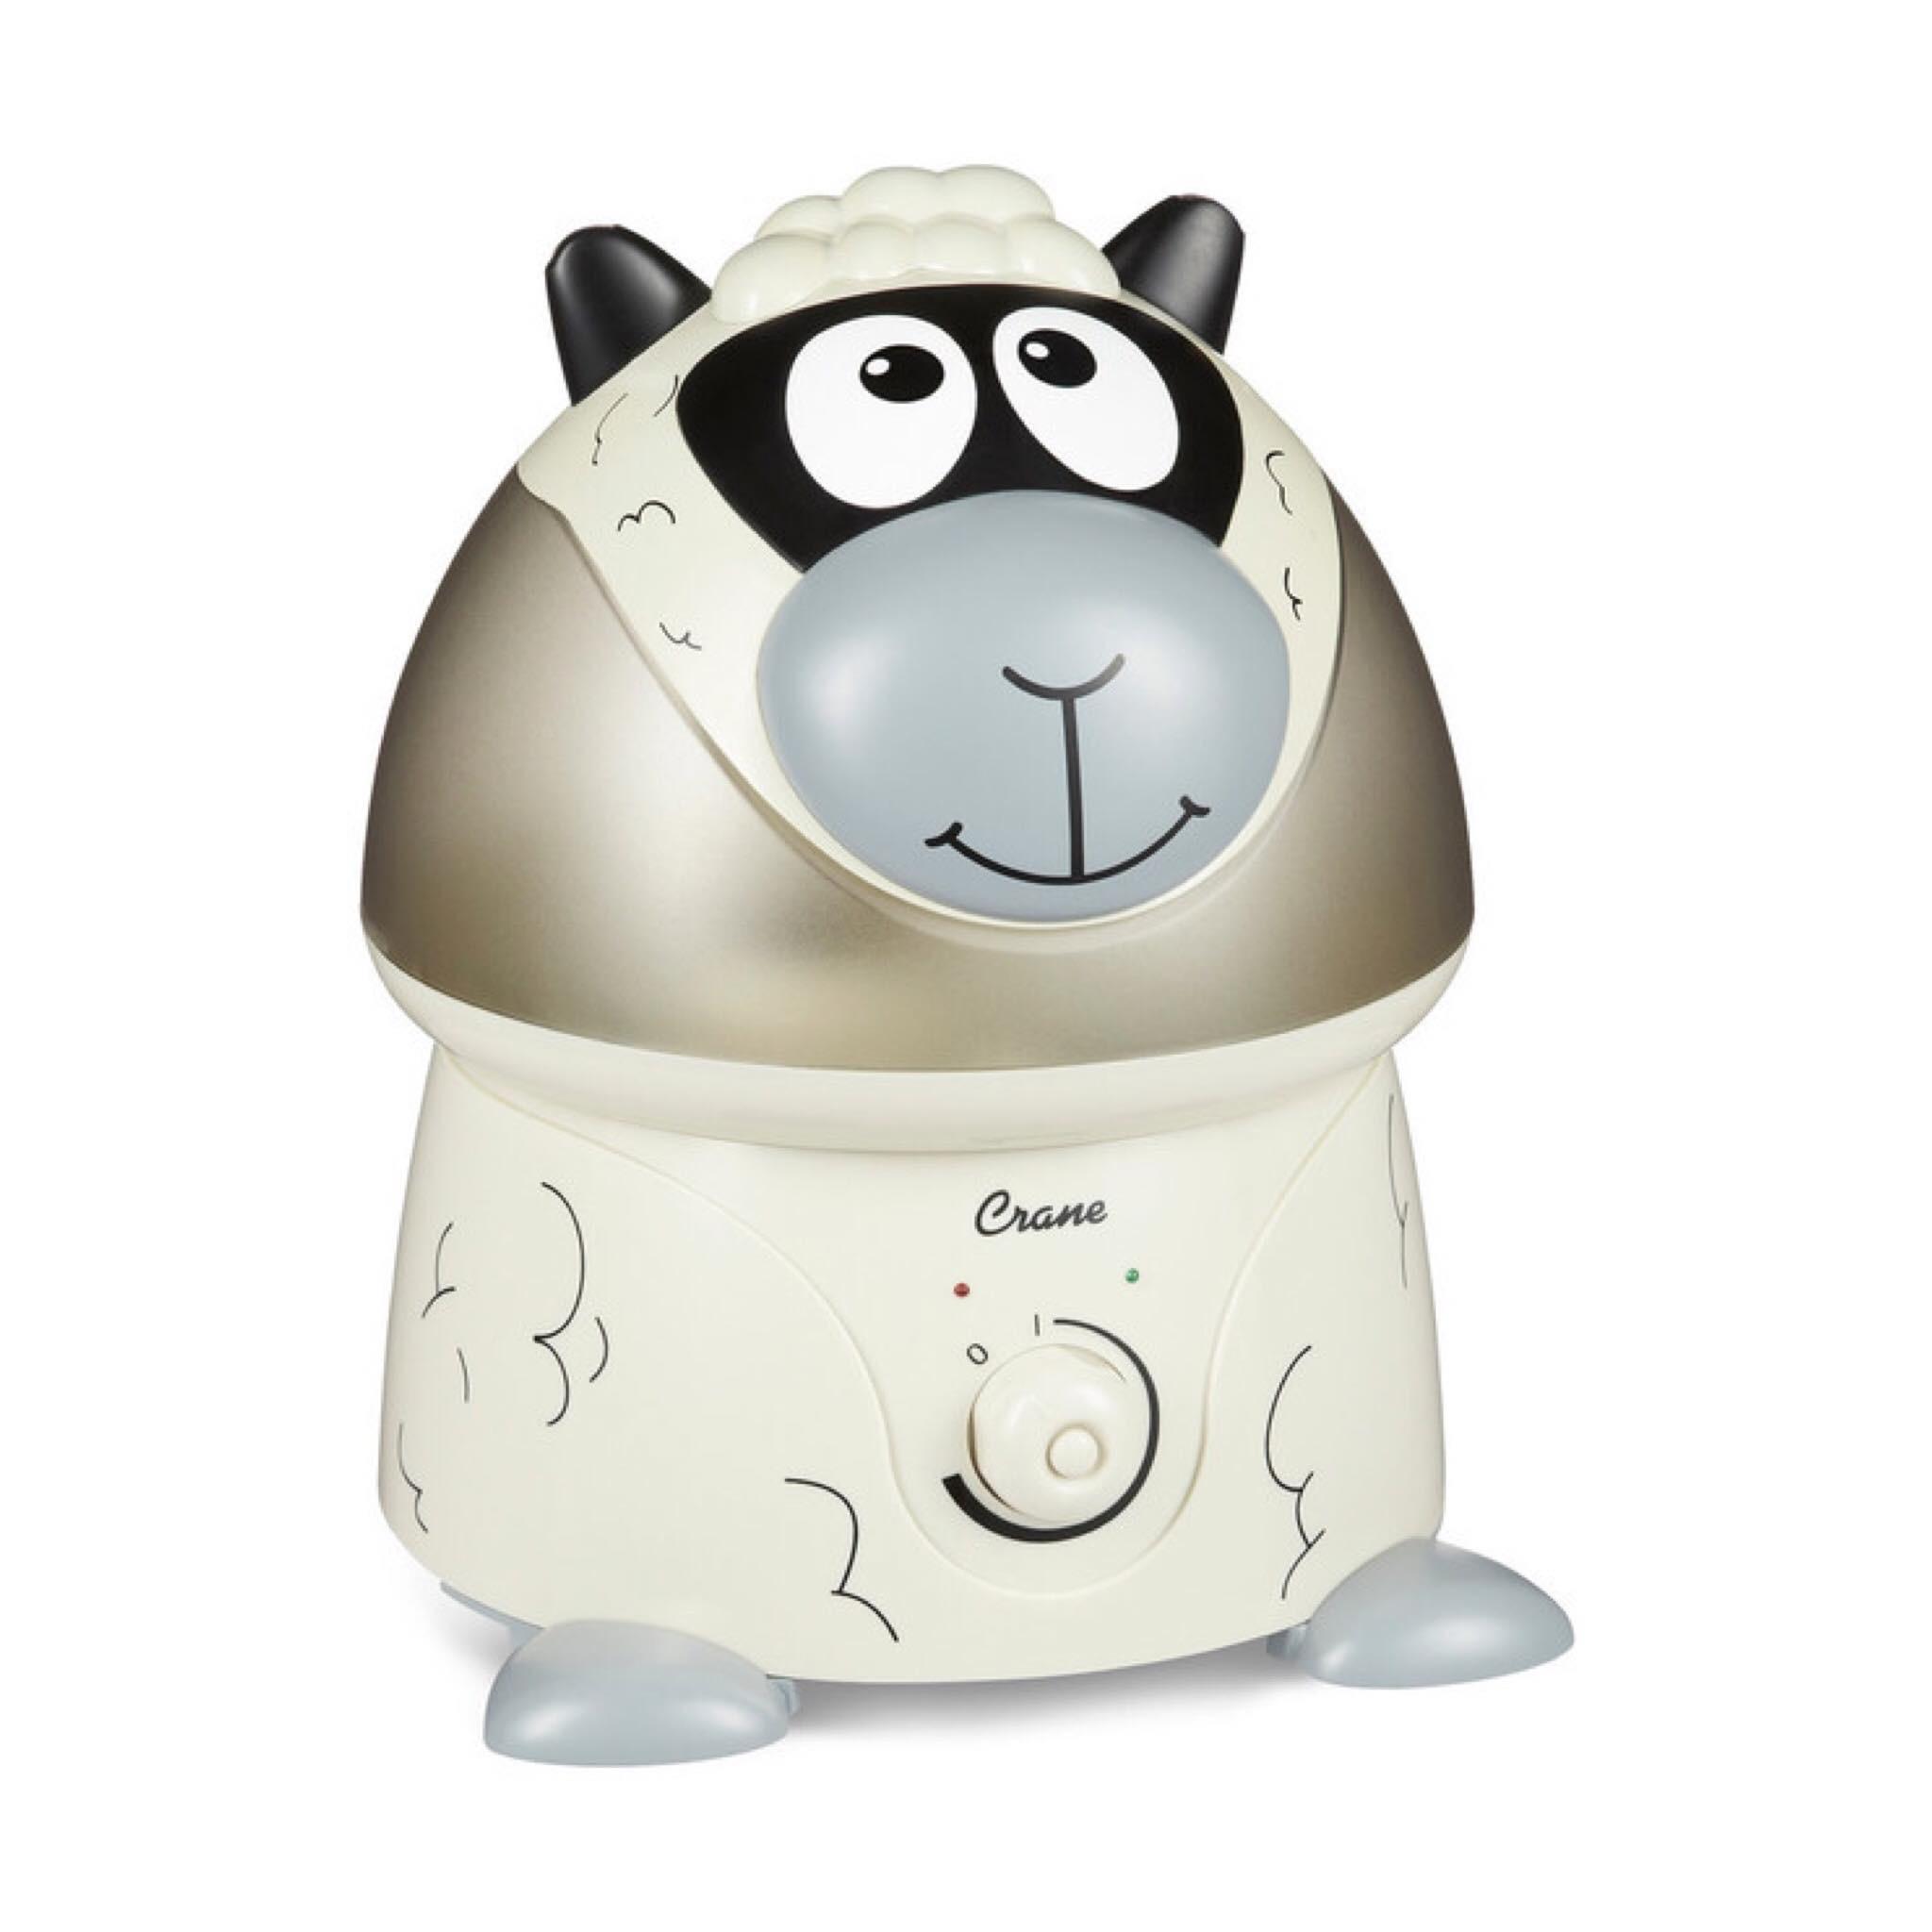 เครื่องสร้างความชื้นในอากาศ Crane USA รุ่น Adorable Ultrasonic Cool Mist Humidifier (Sidney the Sheep)